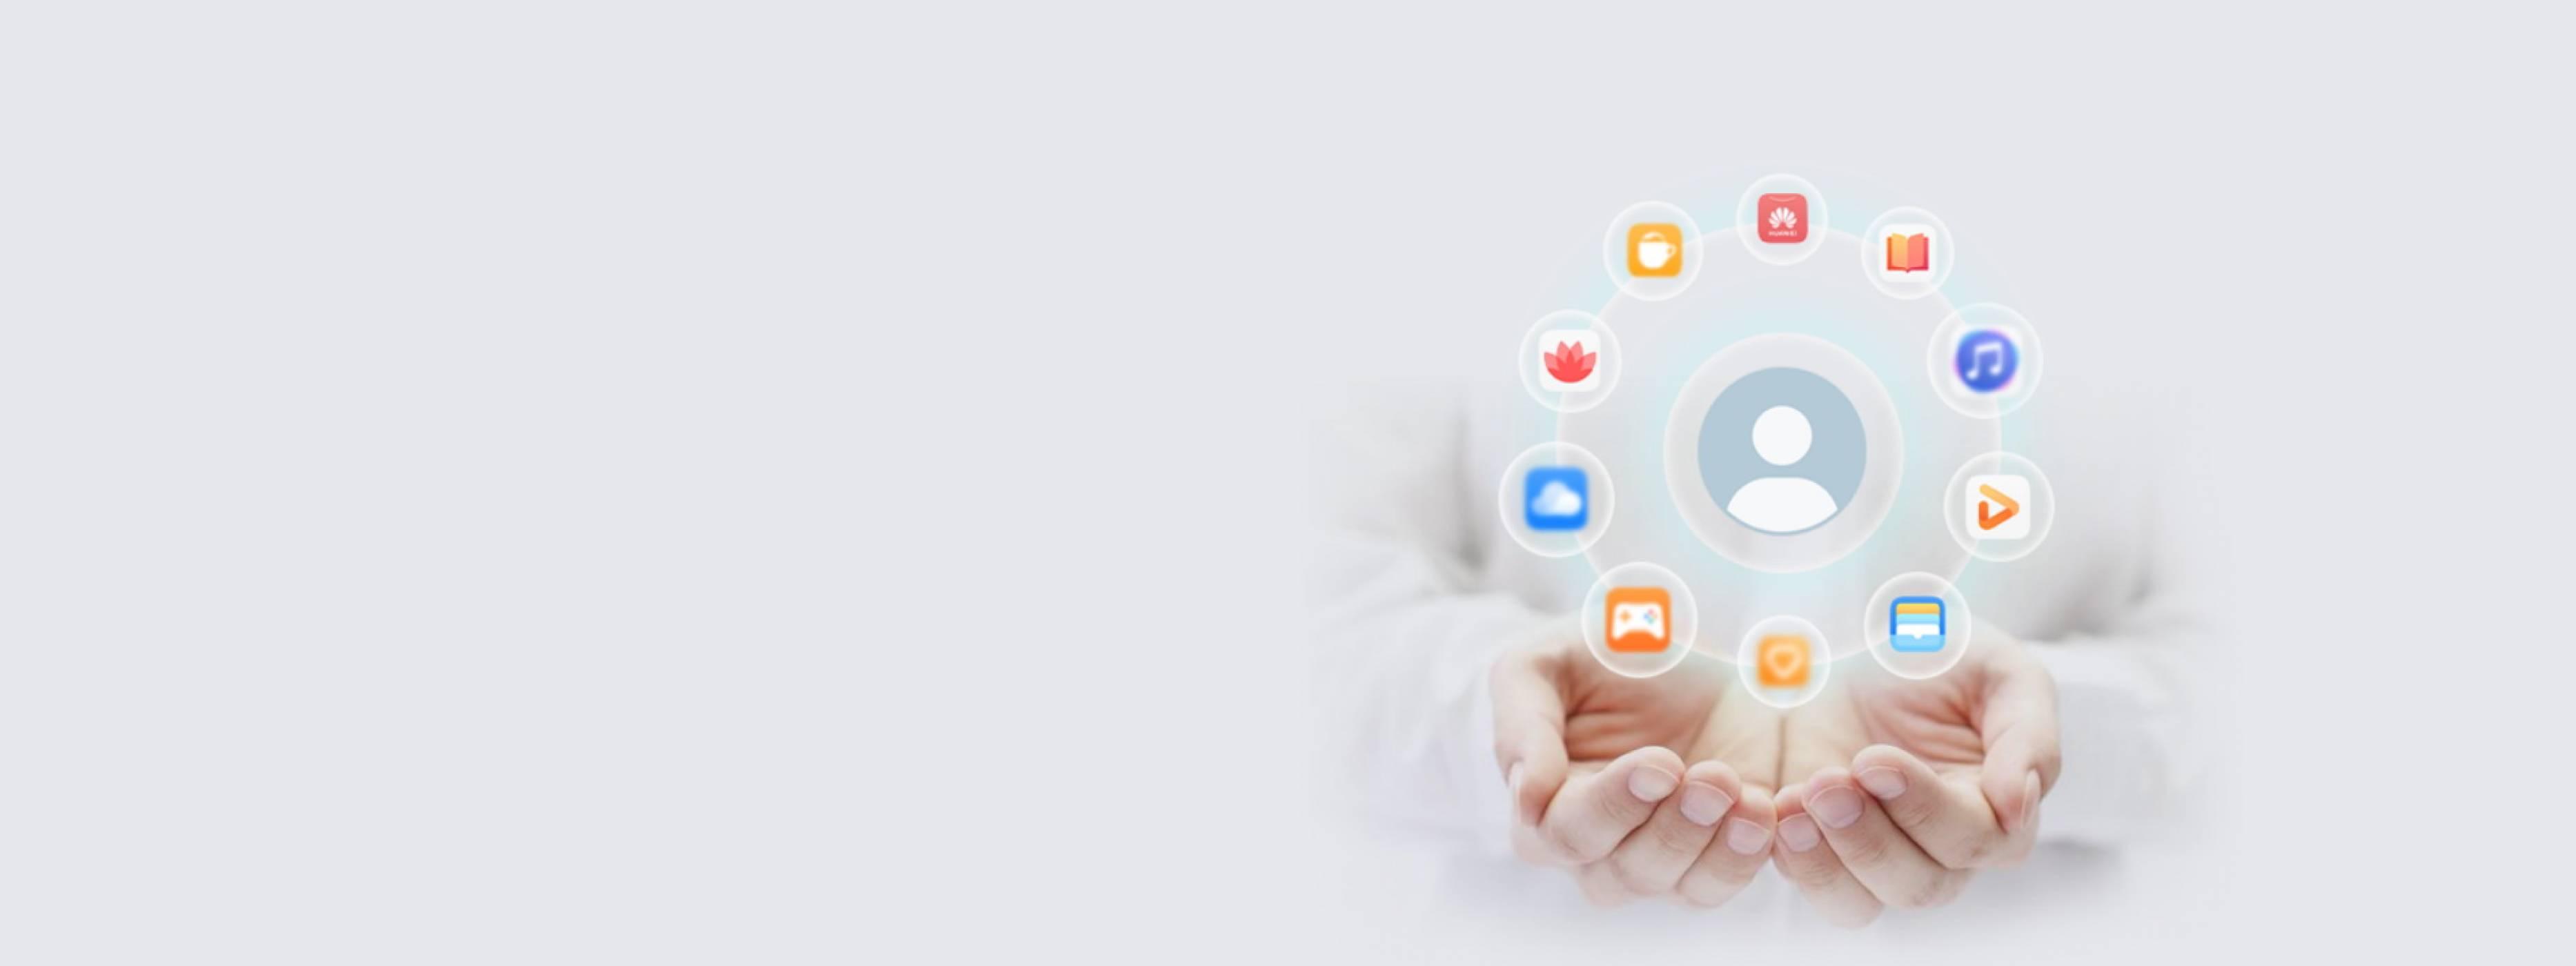 Huawei Mobile Services – няма Google, няма проблеми!